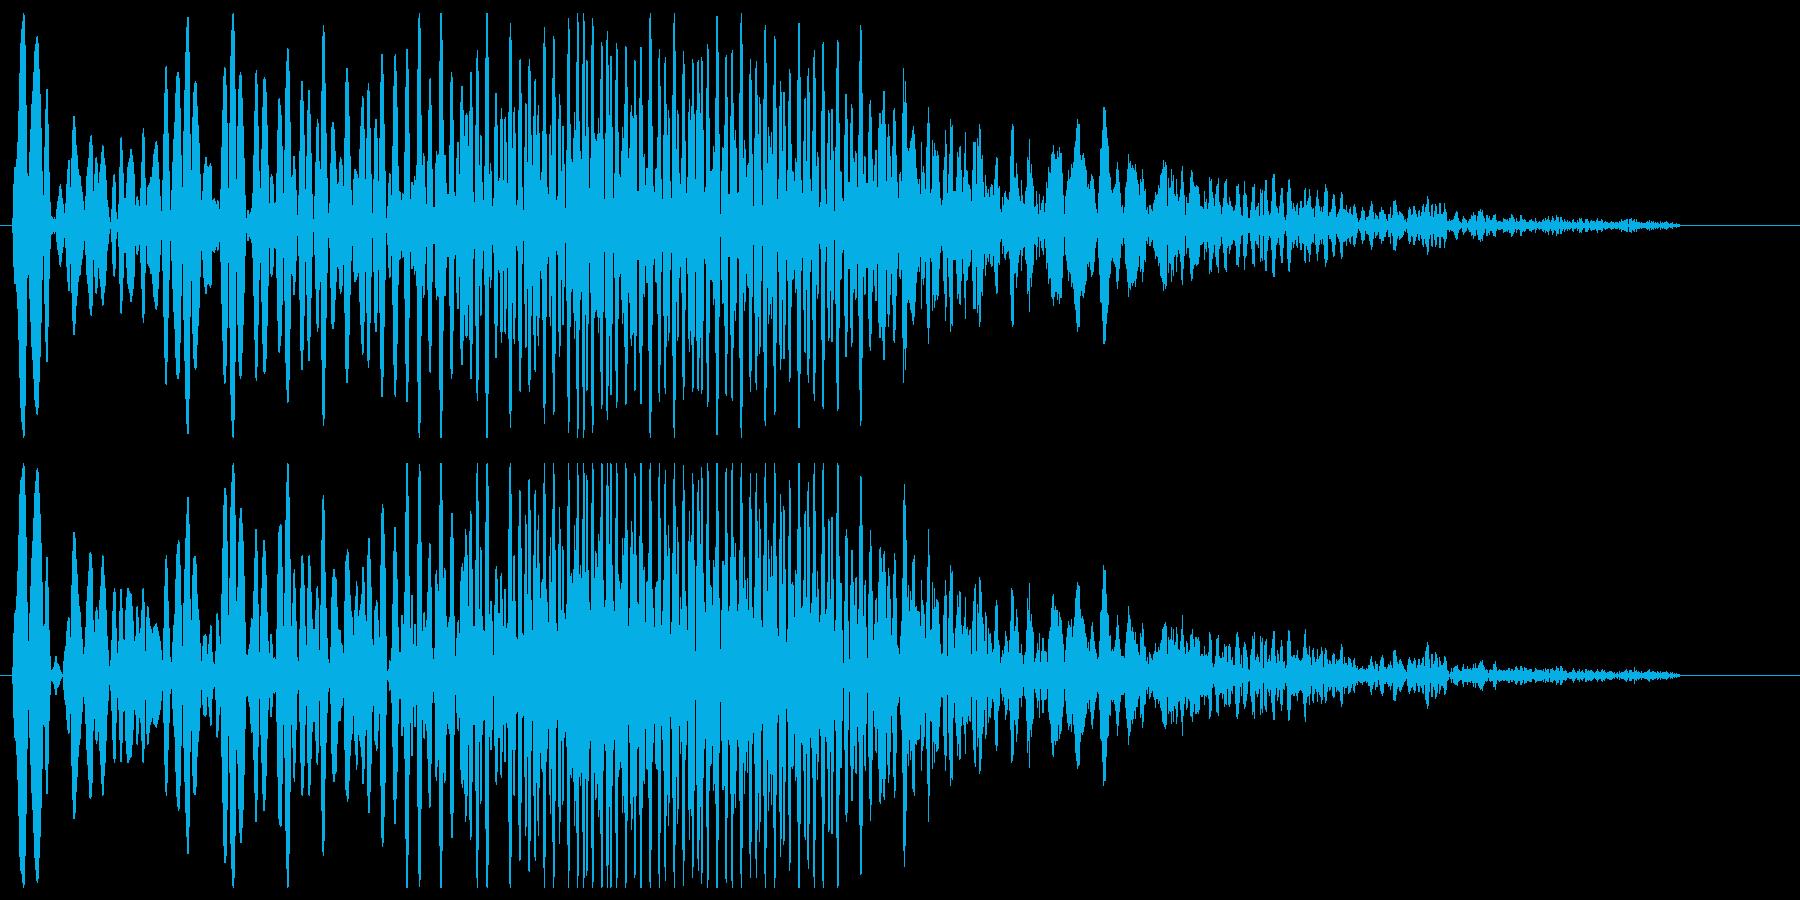 ブーゥンシューーッというマシン作動音の再生済みの波形